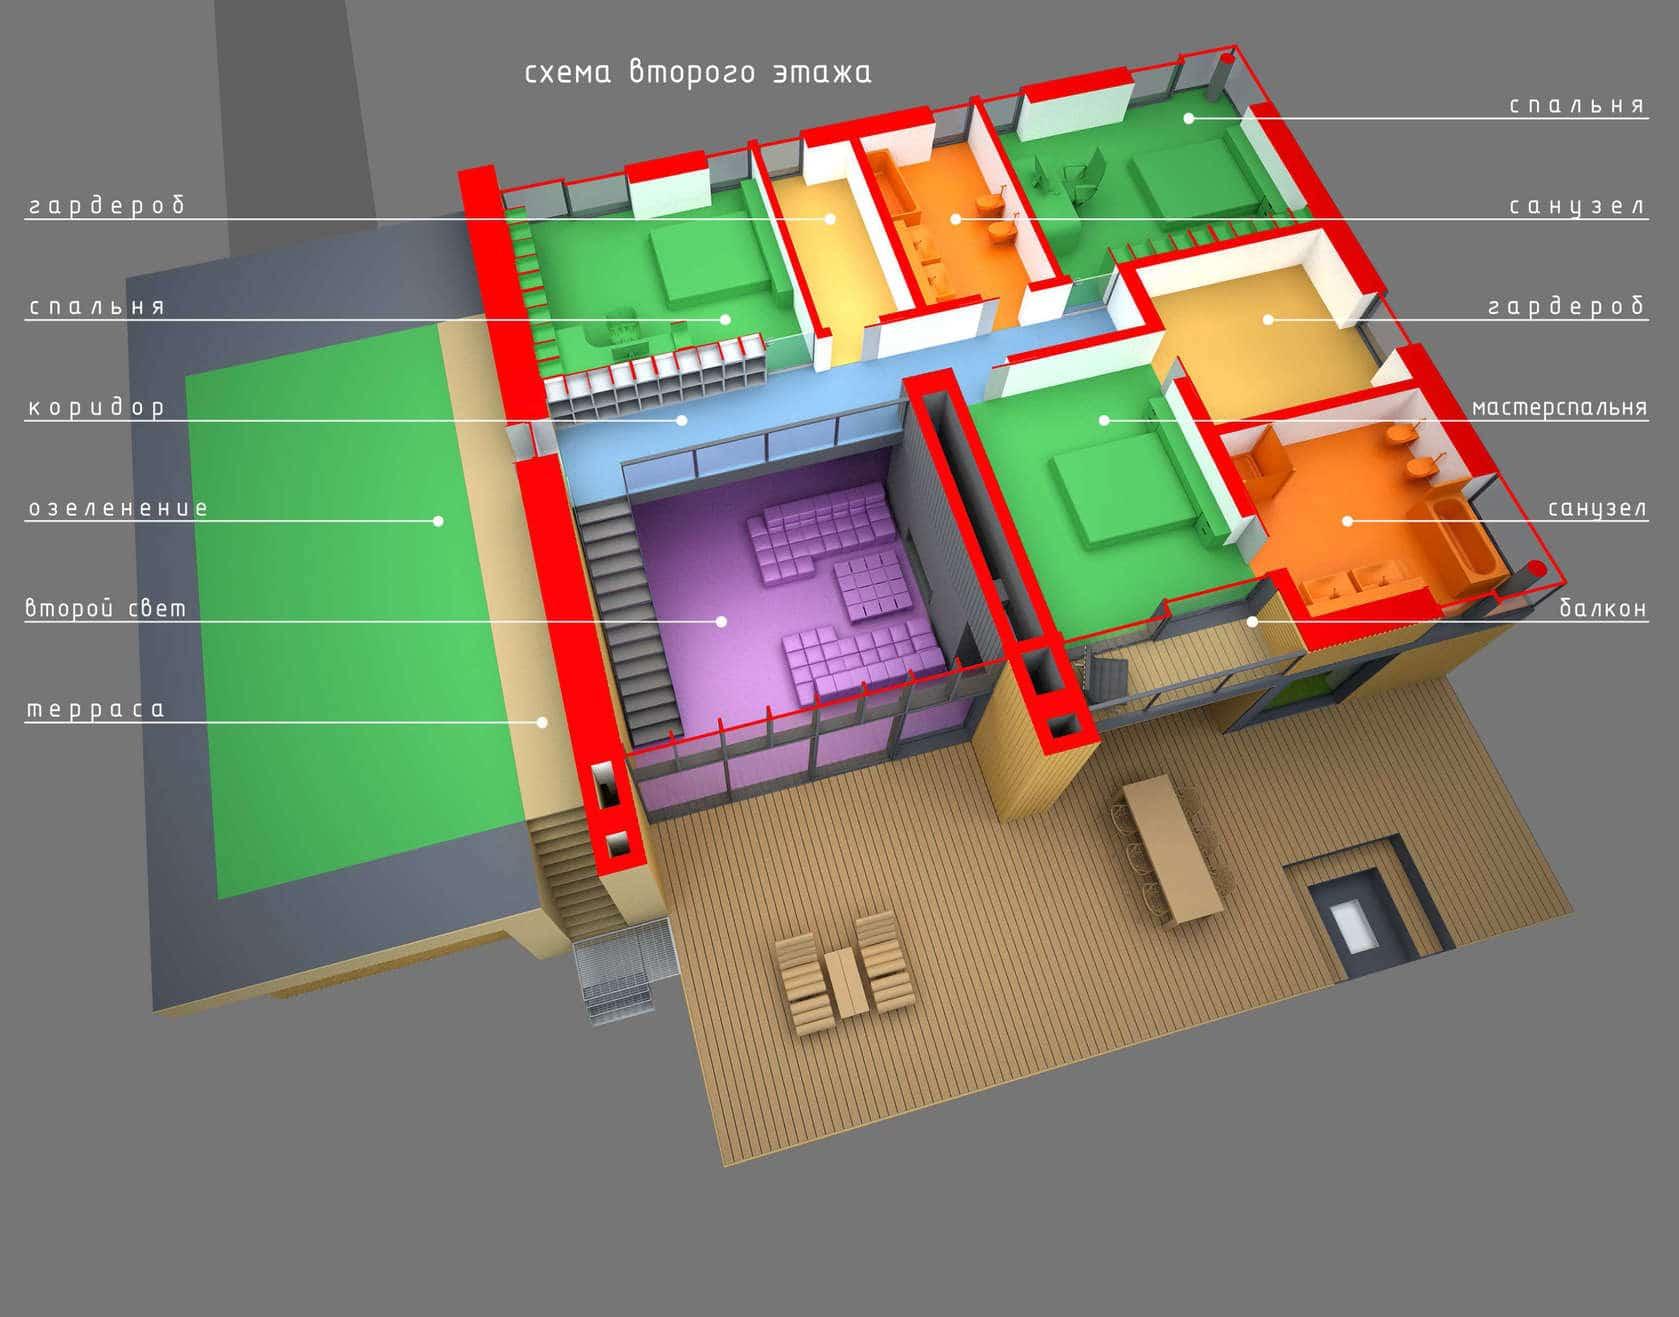 Diseno de casa moderna de dos plantas planos y fachadas - Planos de casas de 2 plantas ...